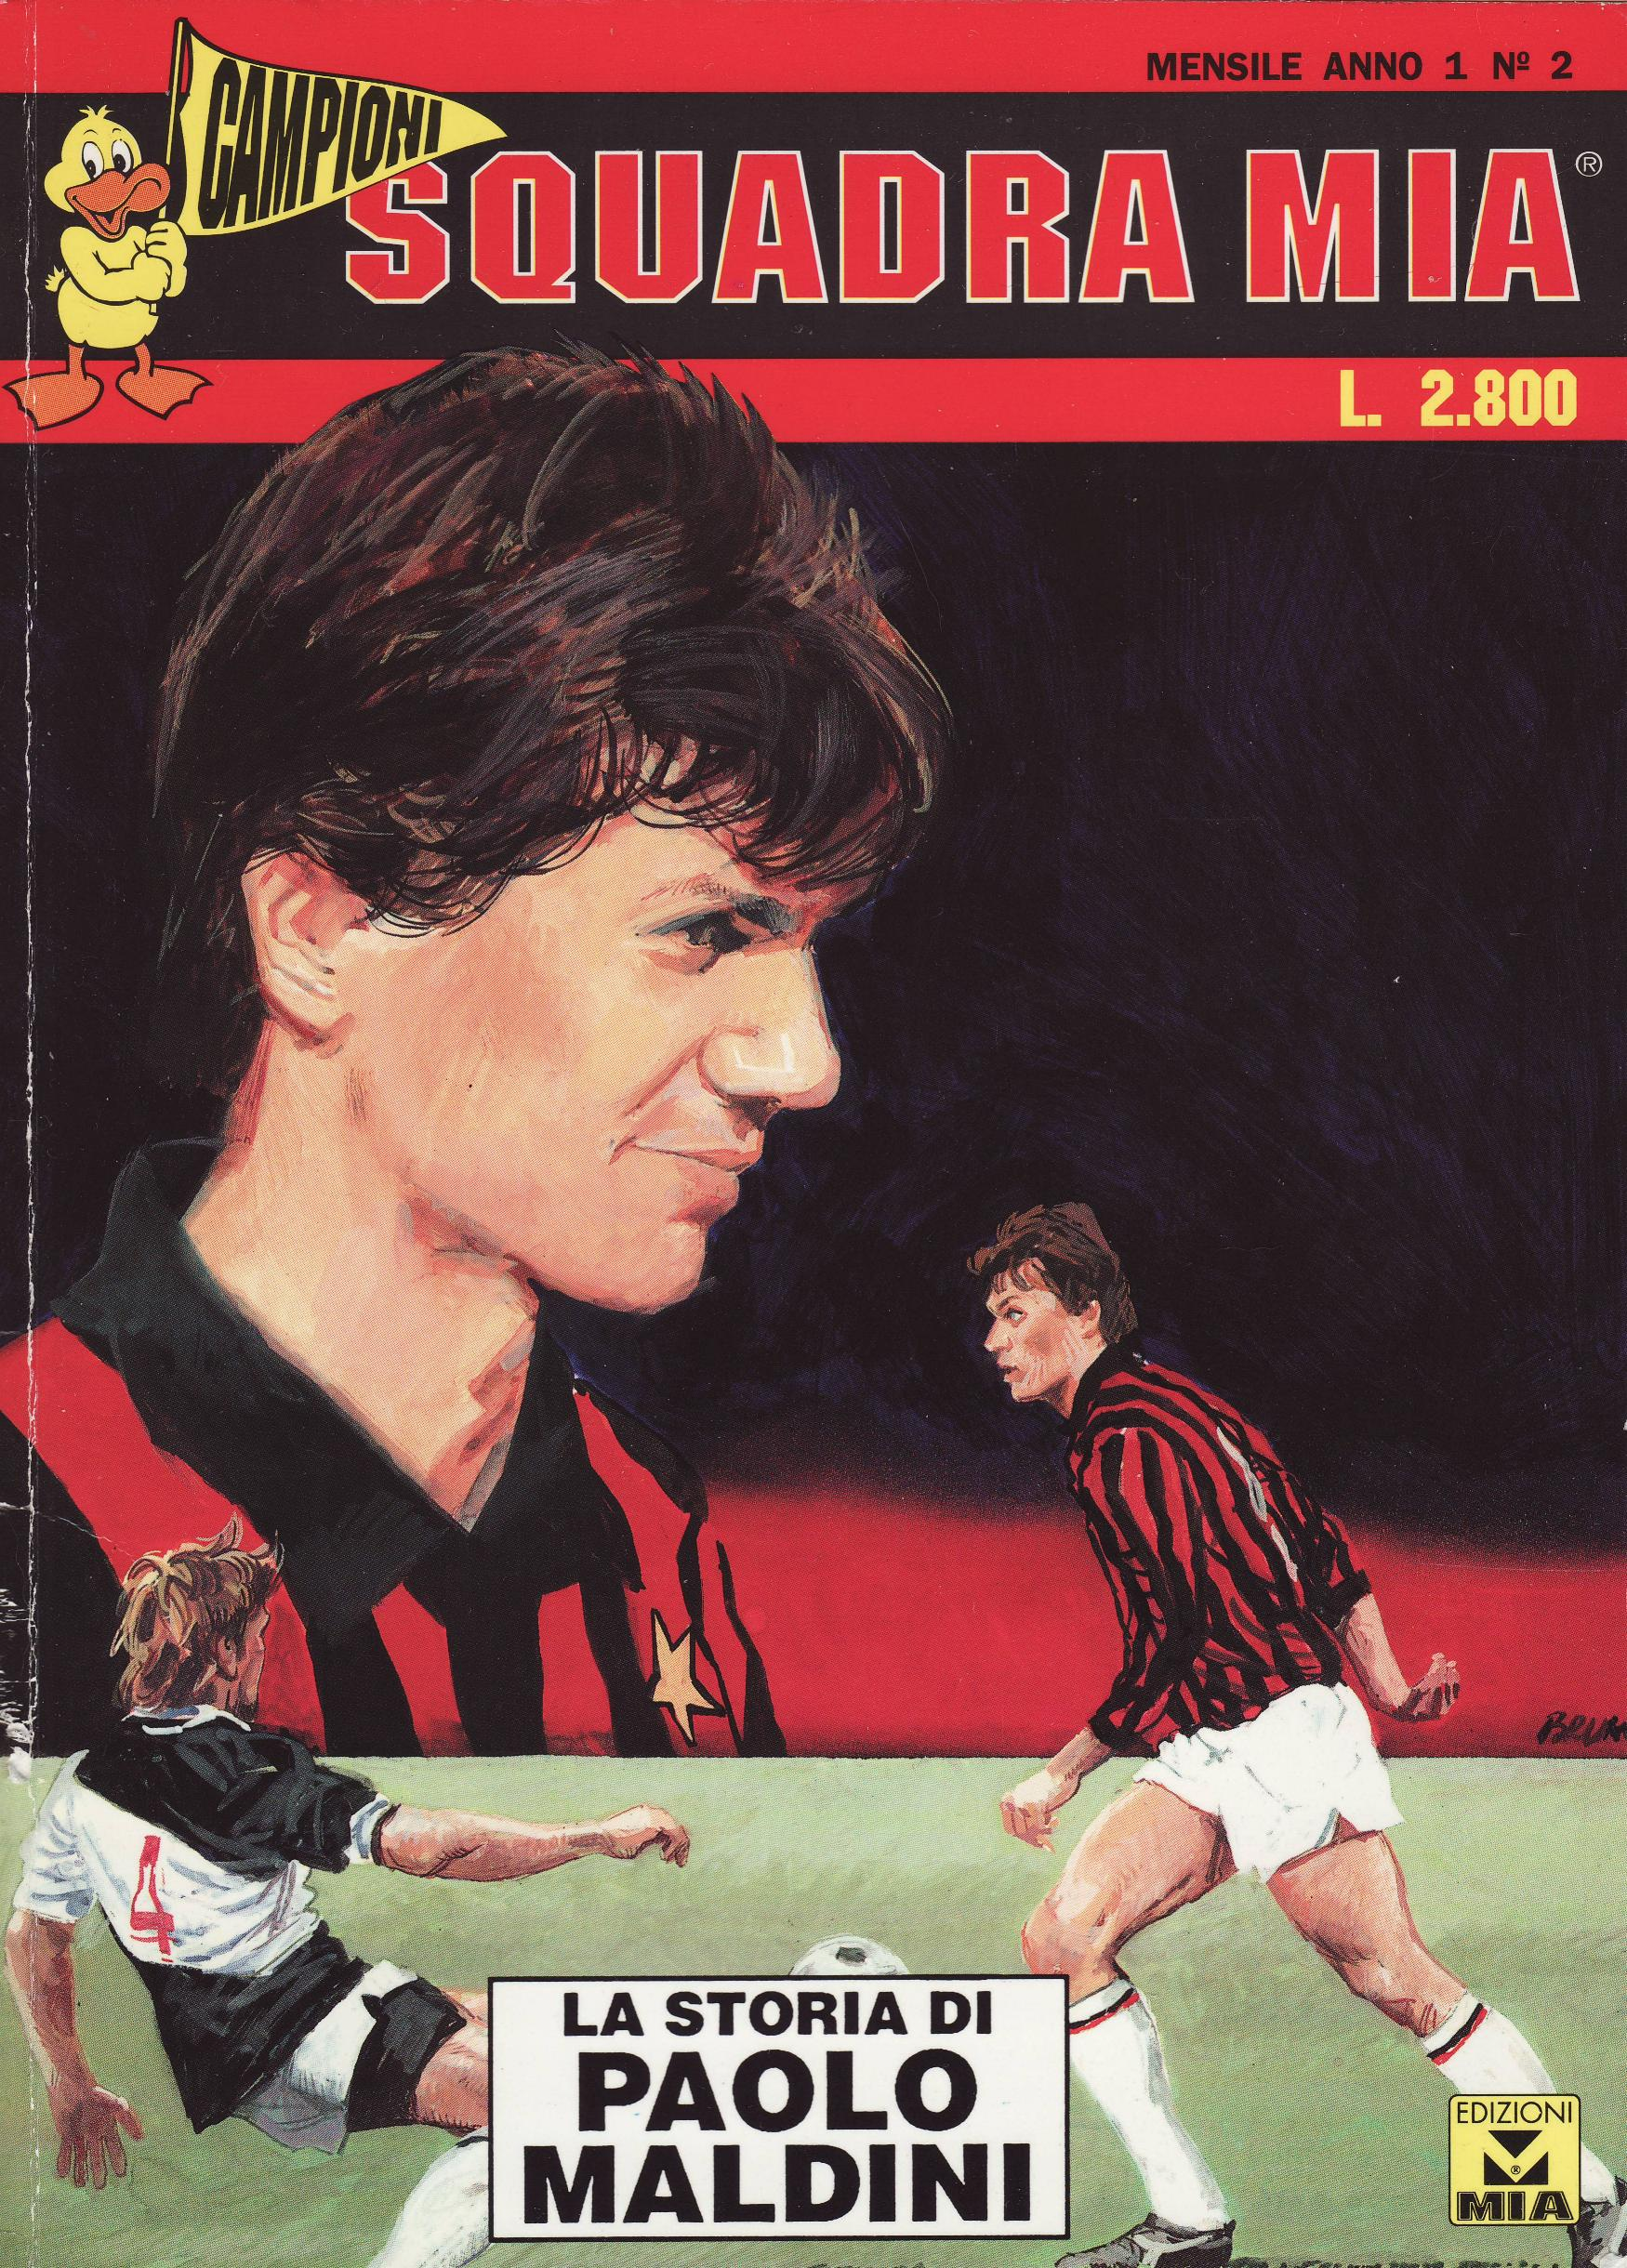 La storia di Paolo Maldini